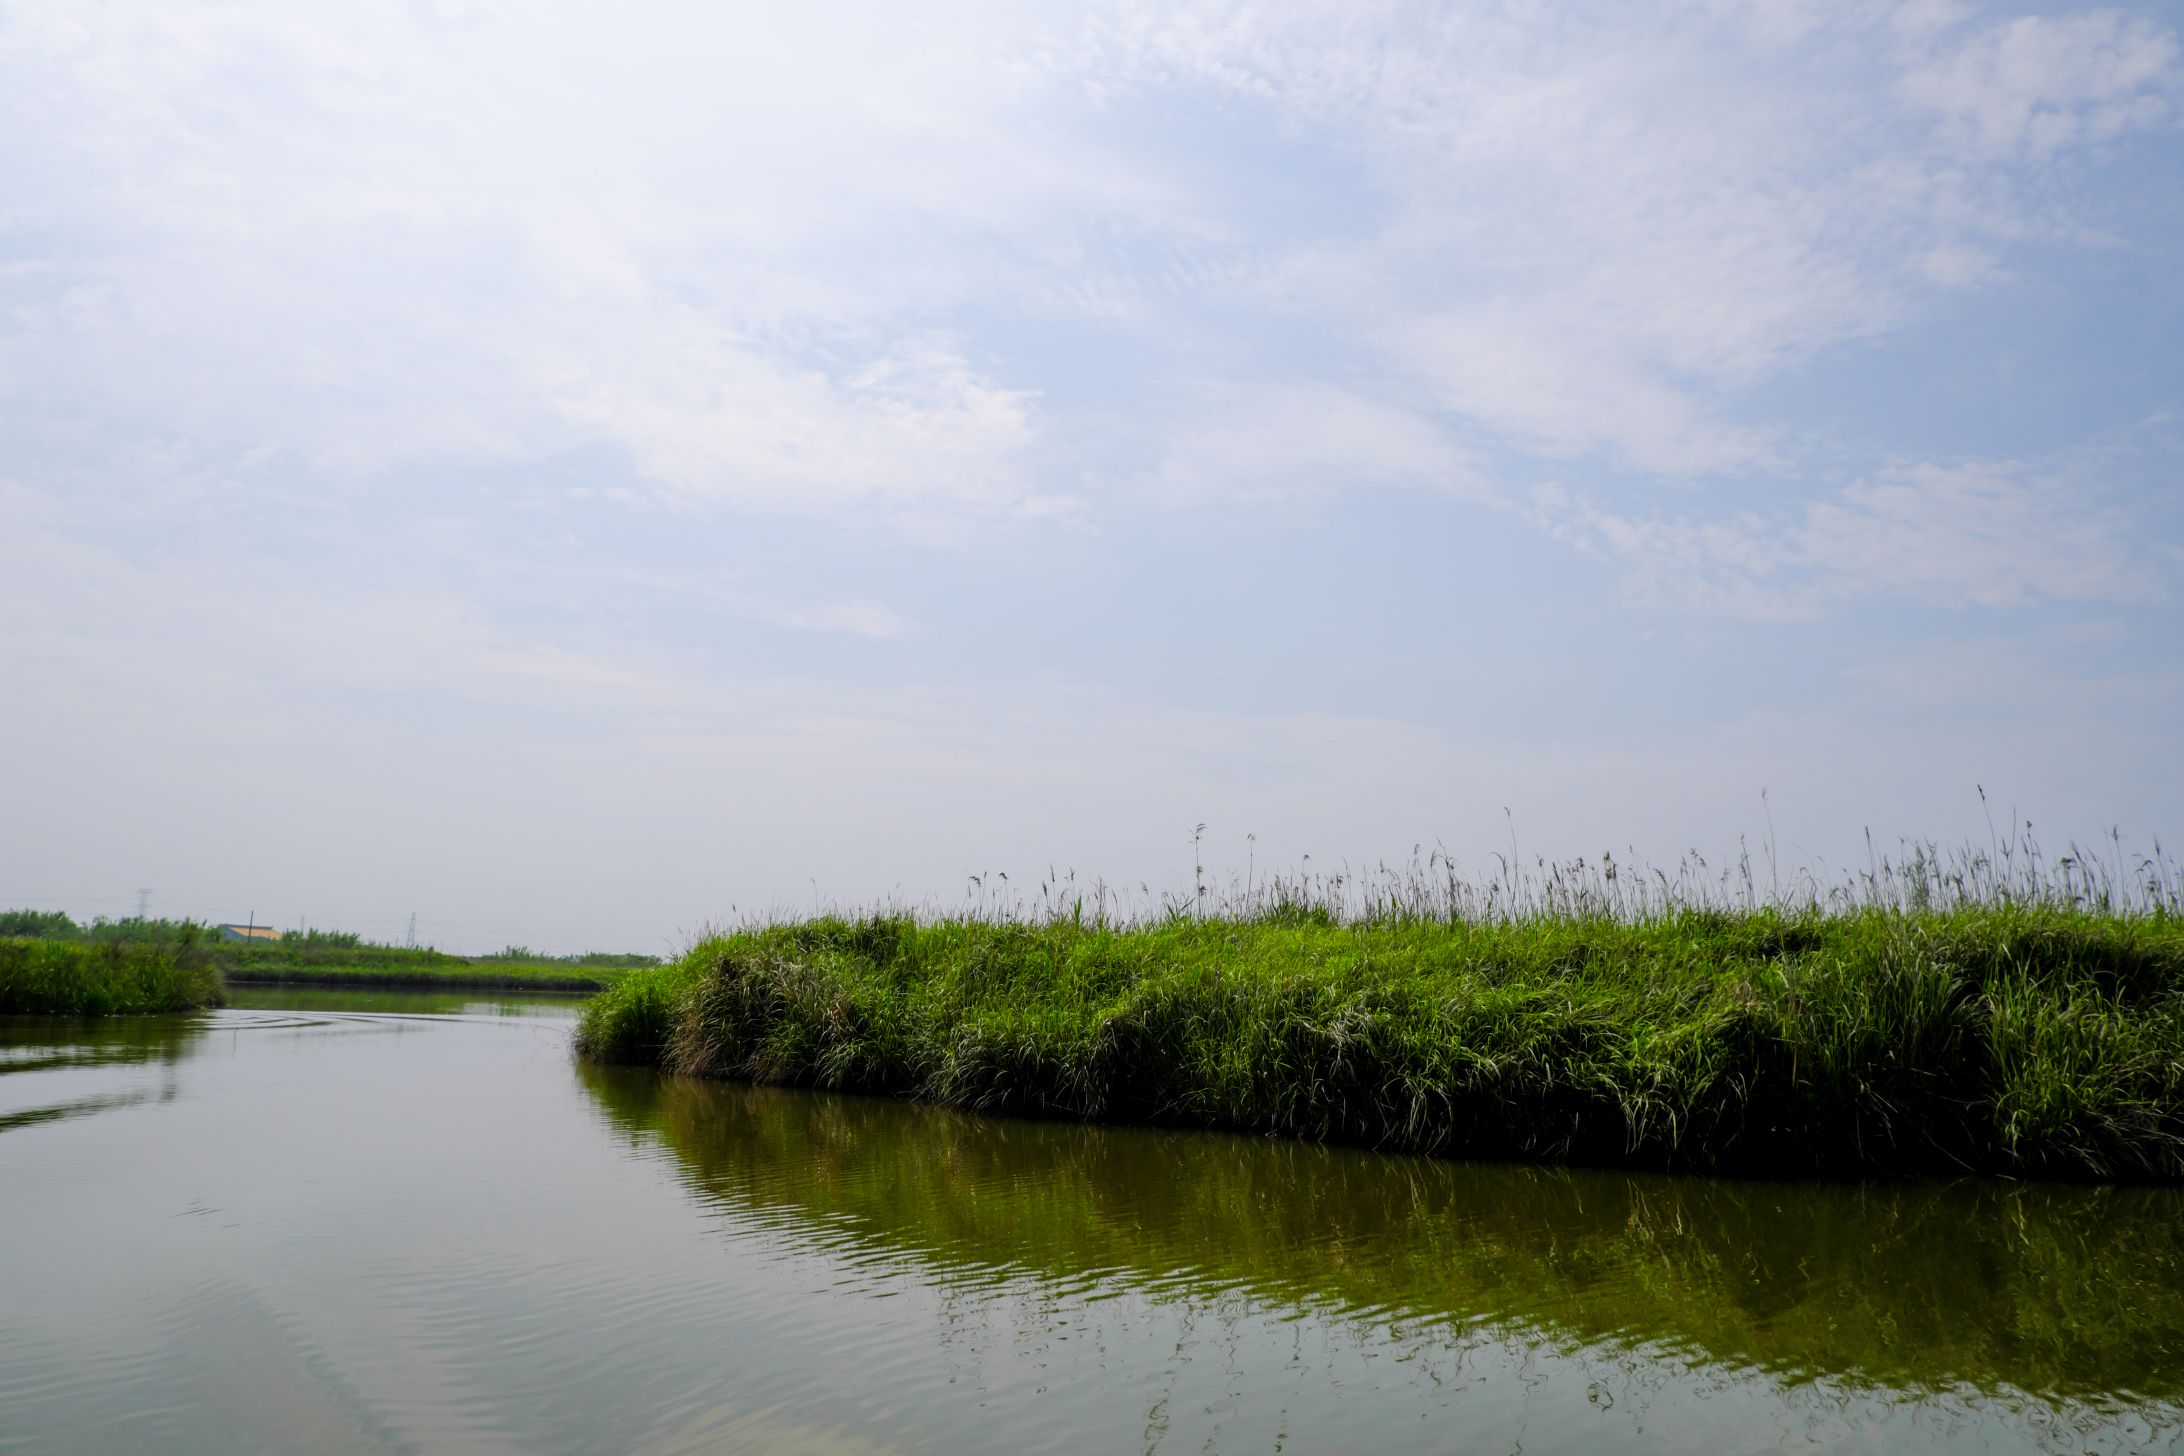 湿地湖面和蓝天高清照片下载